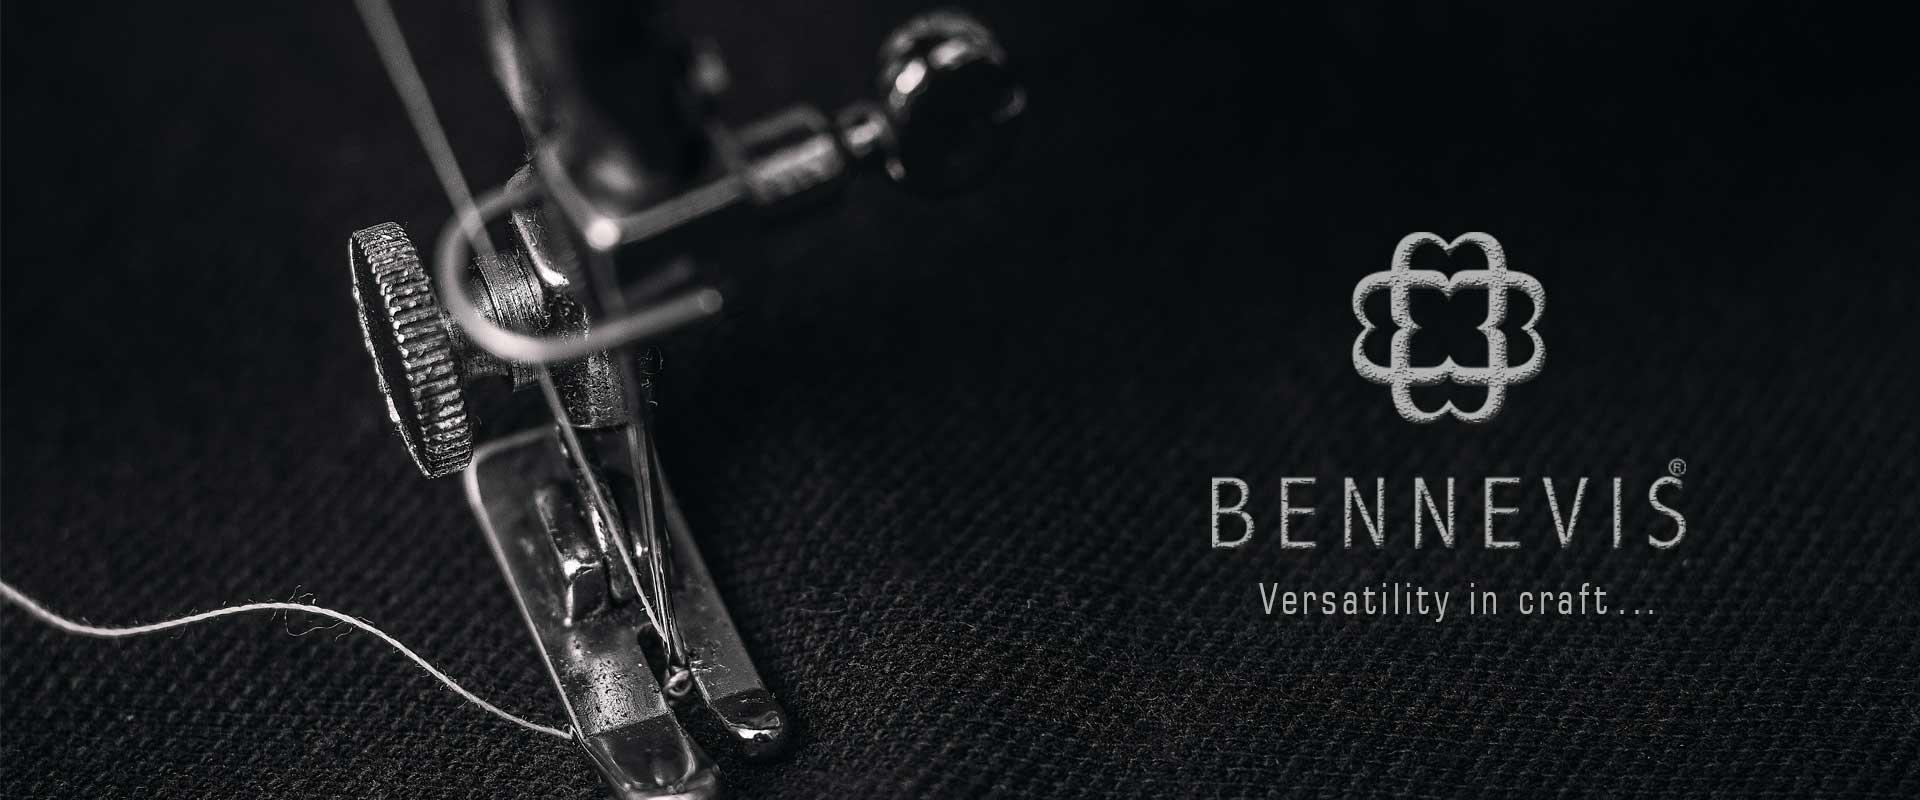 Bennevis Fashion